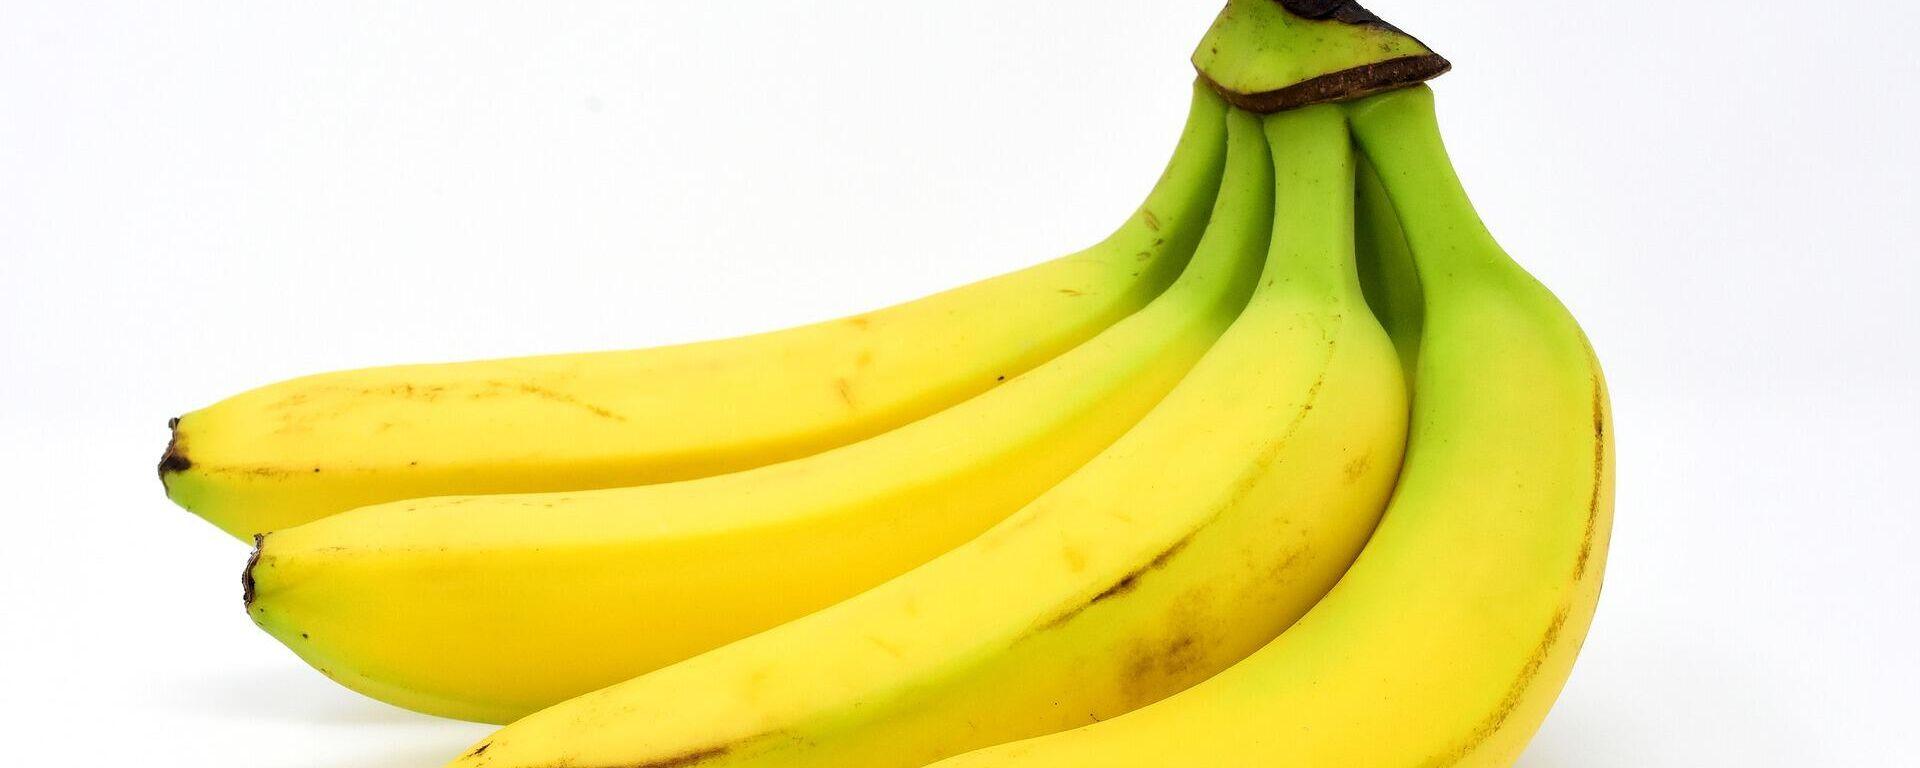 Plátanos, bananas - Sputnik Mundo, 1920, 28.07.2021